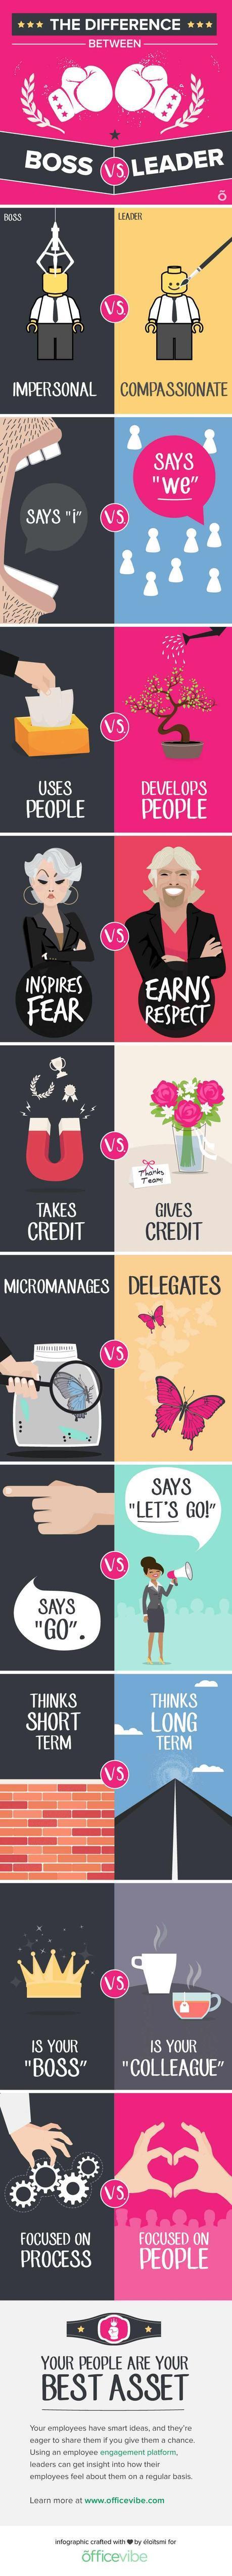 infographic-boss-leader